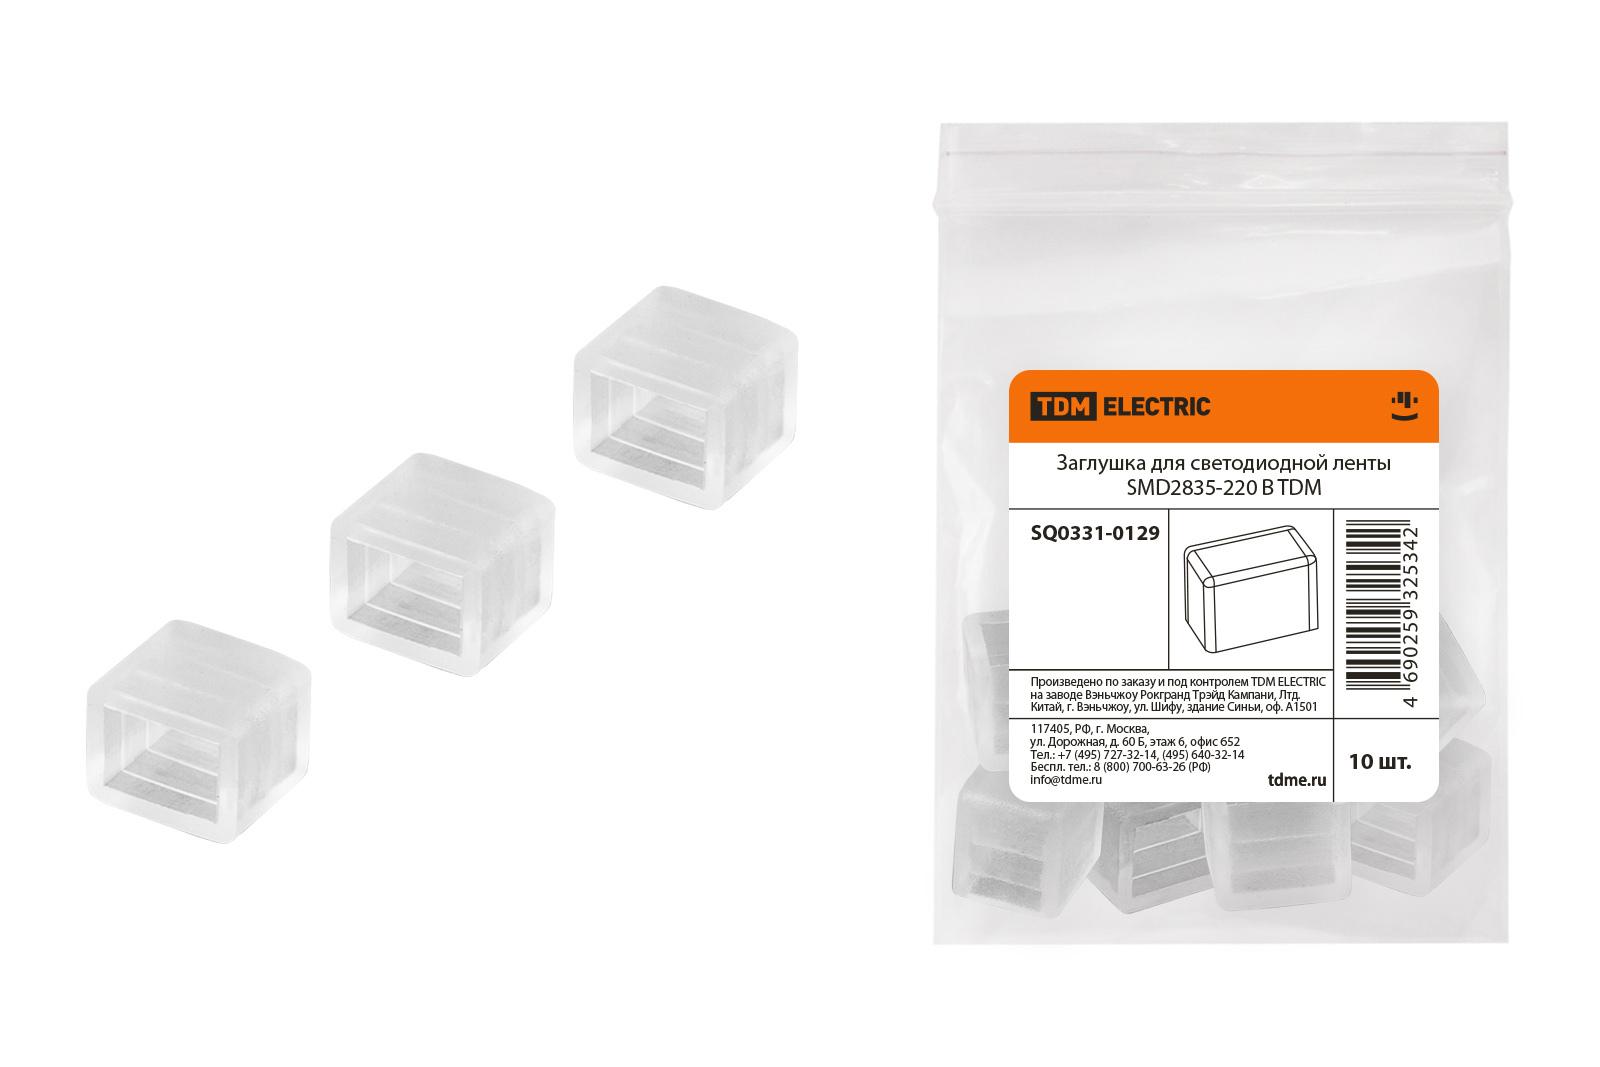 Заглушка для светодиодной ленты SMD2835-220 В TDM